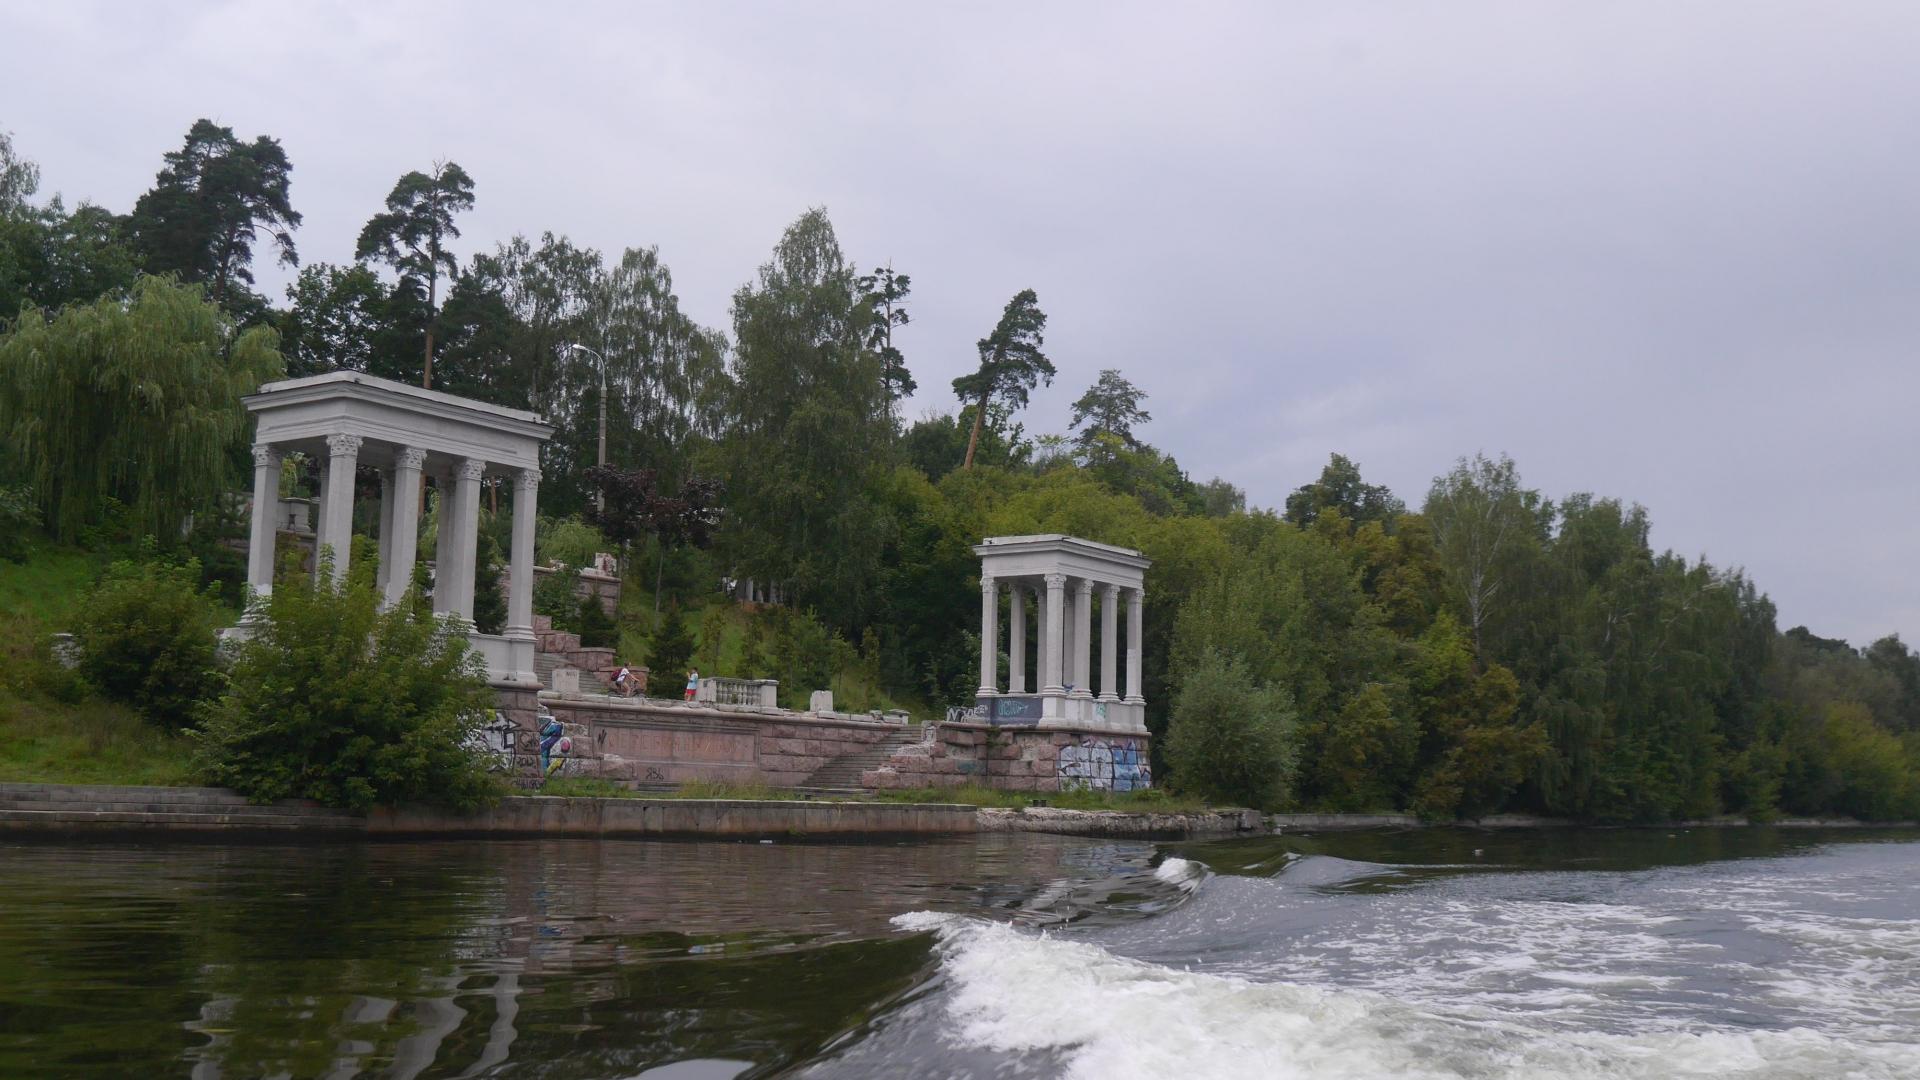 Наблюдение пристани с воды — главное событие местных речных прогулок, август 2016